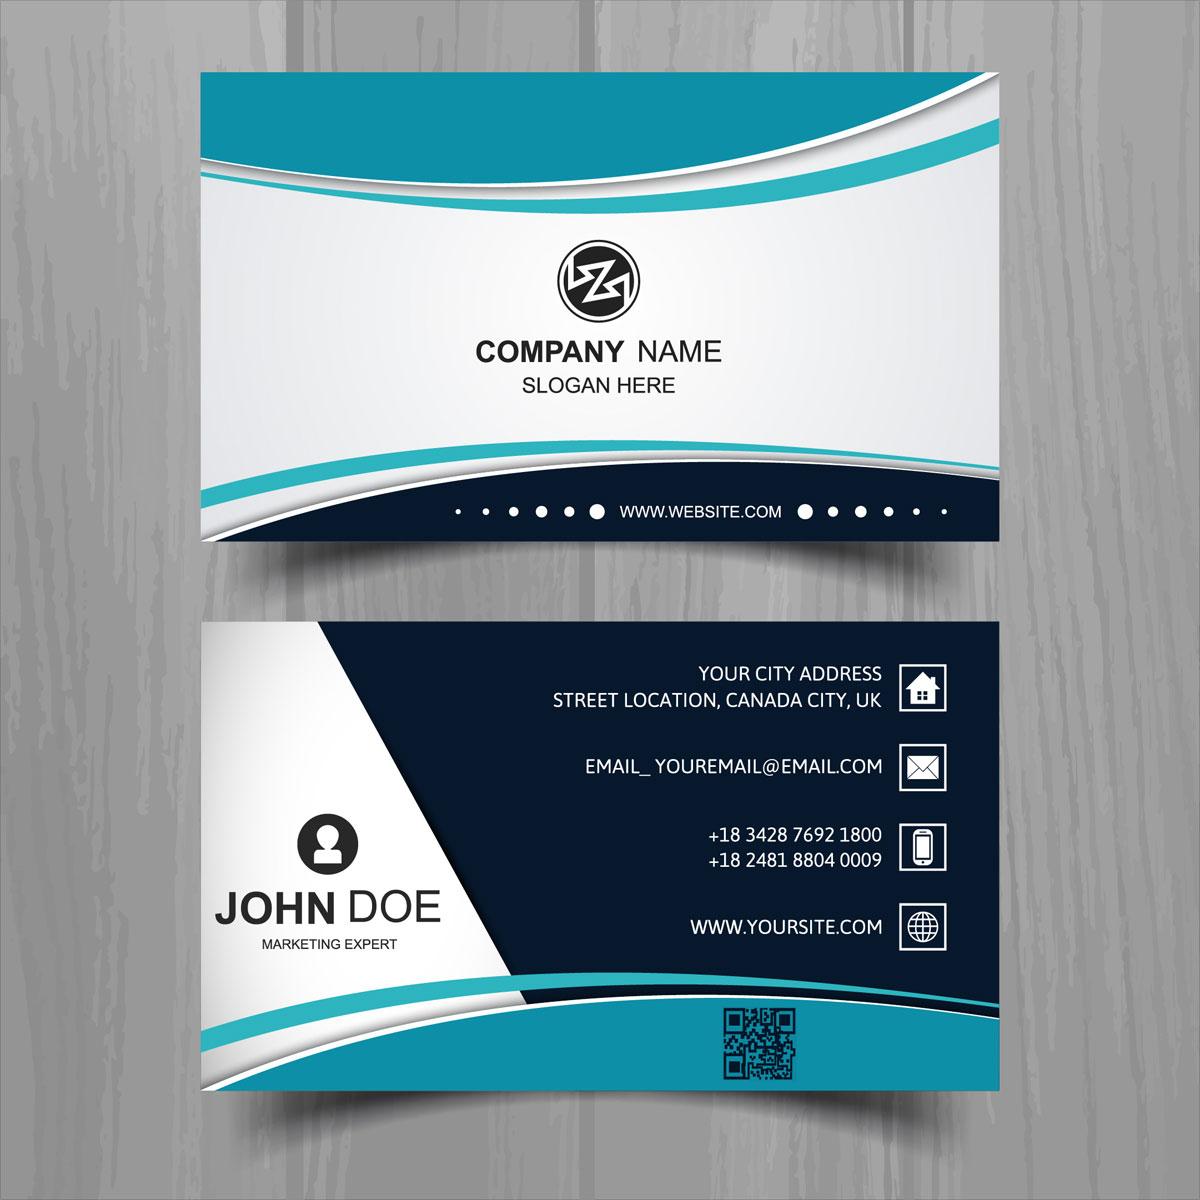 design business card- modern